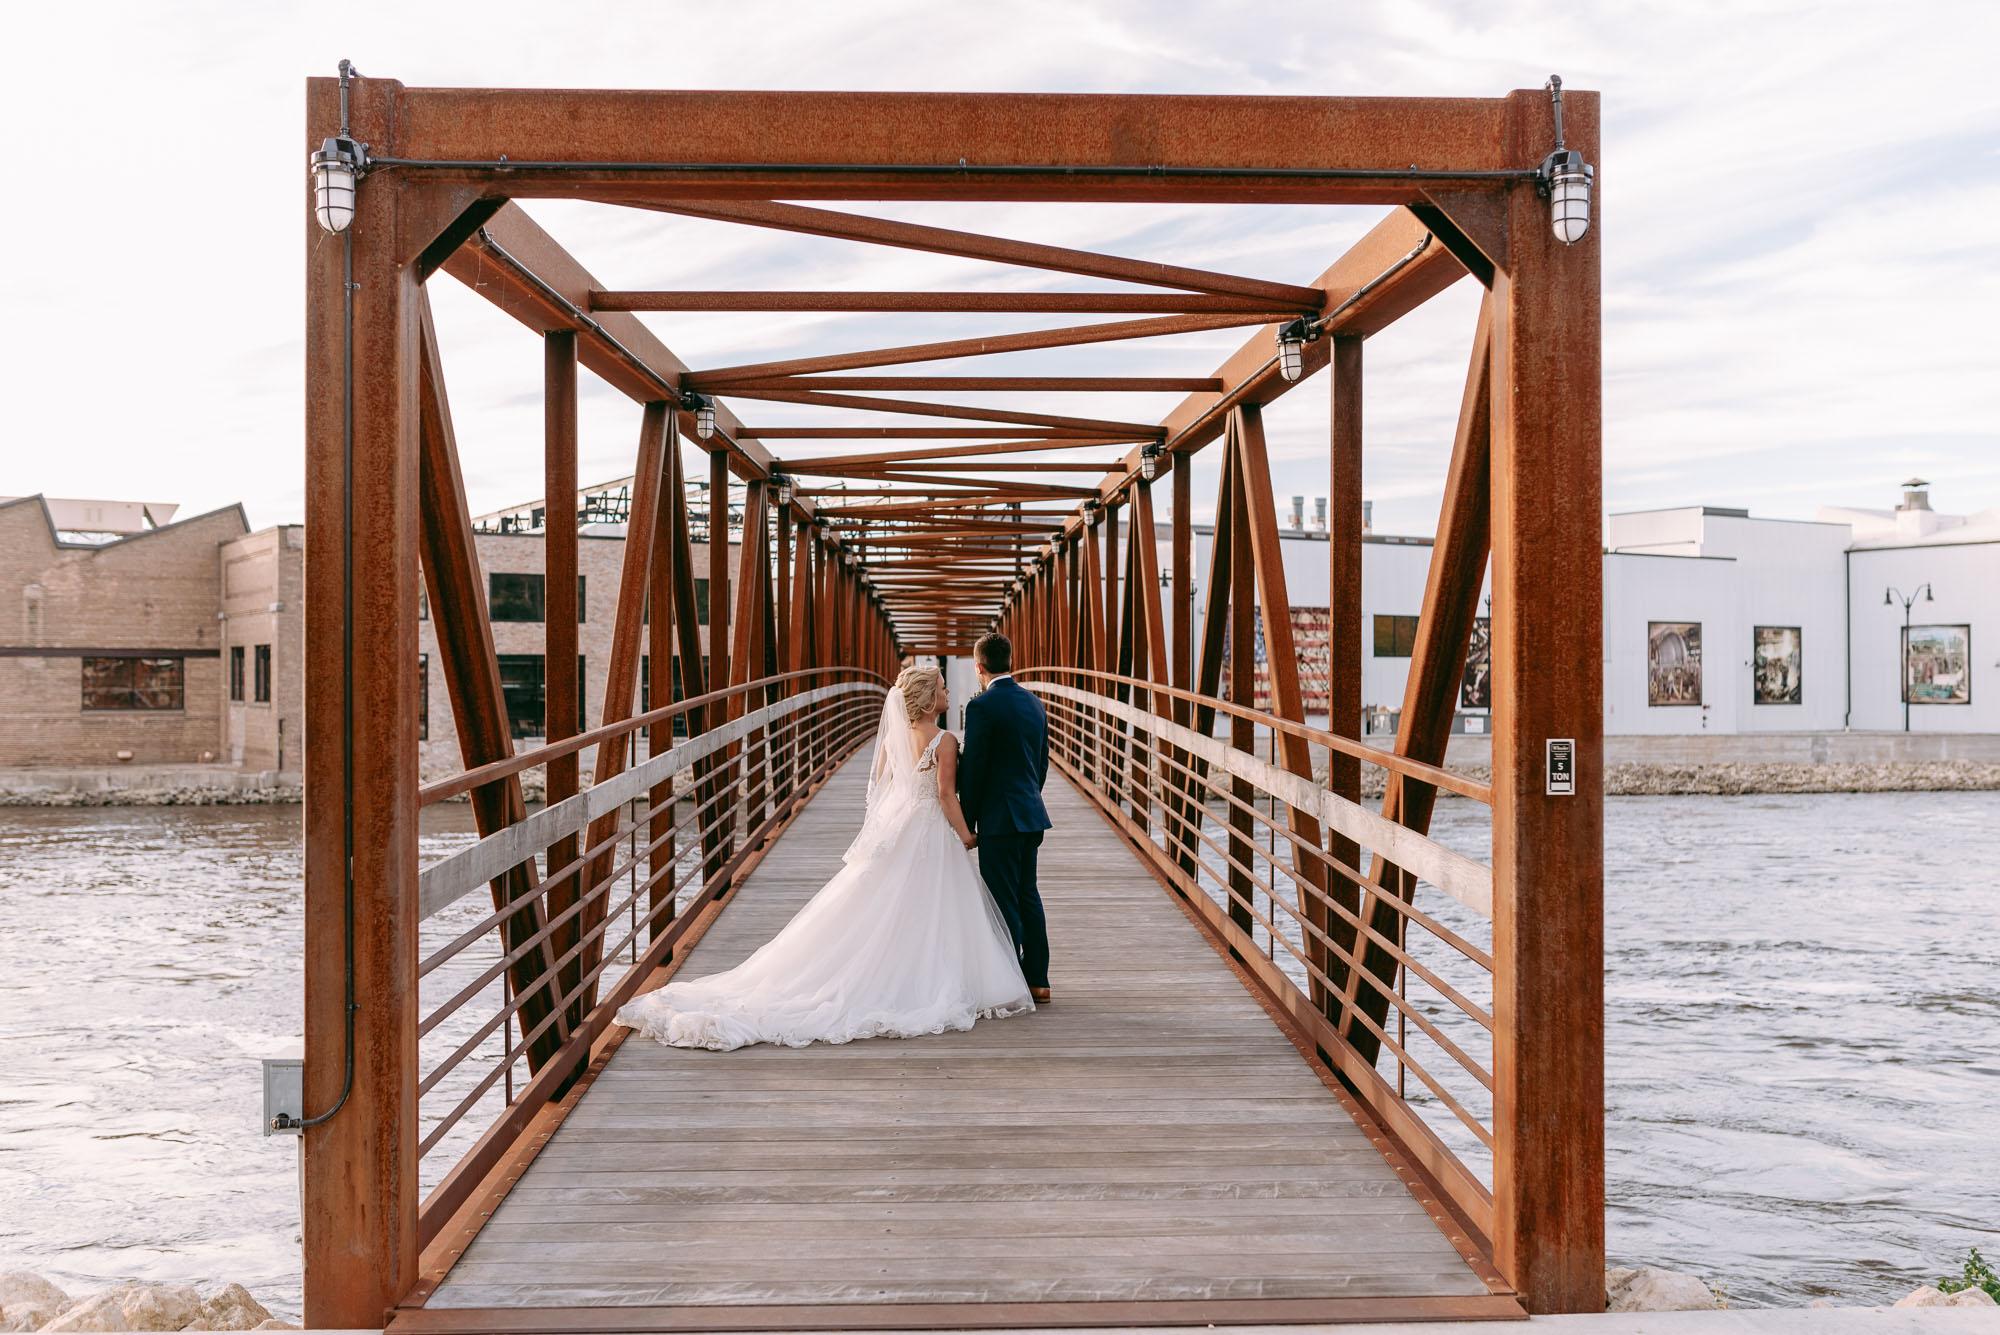 ironworks-hotel-weddings-beloit-wi.jpg